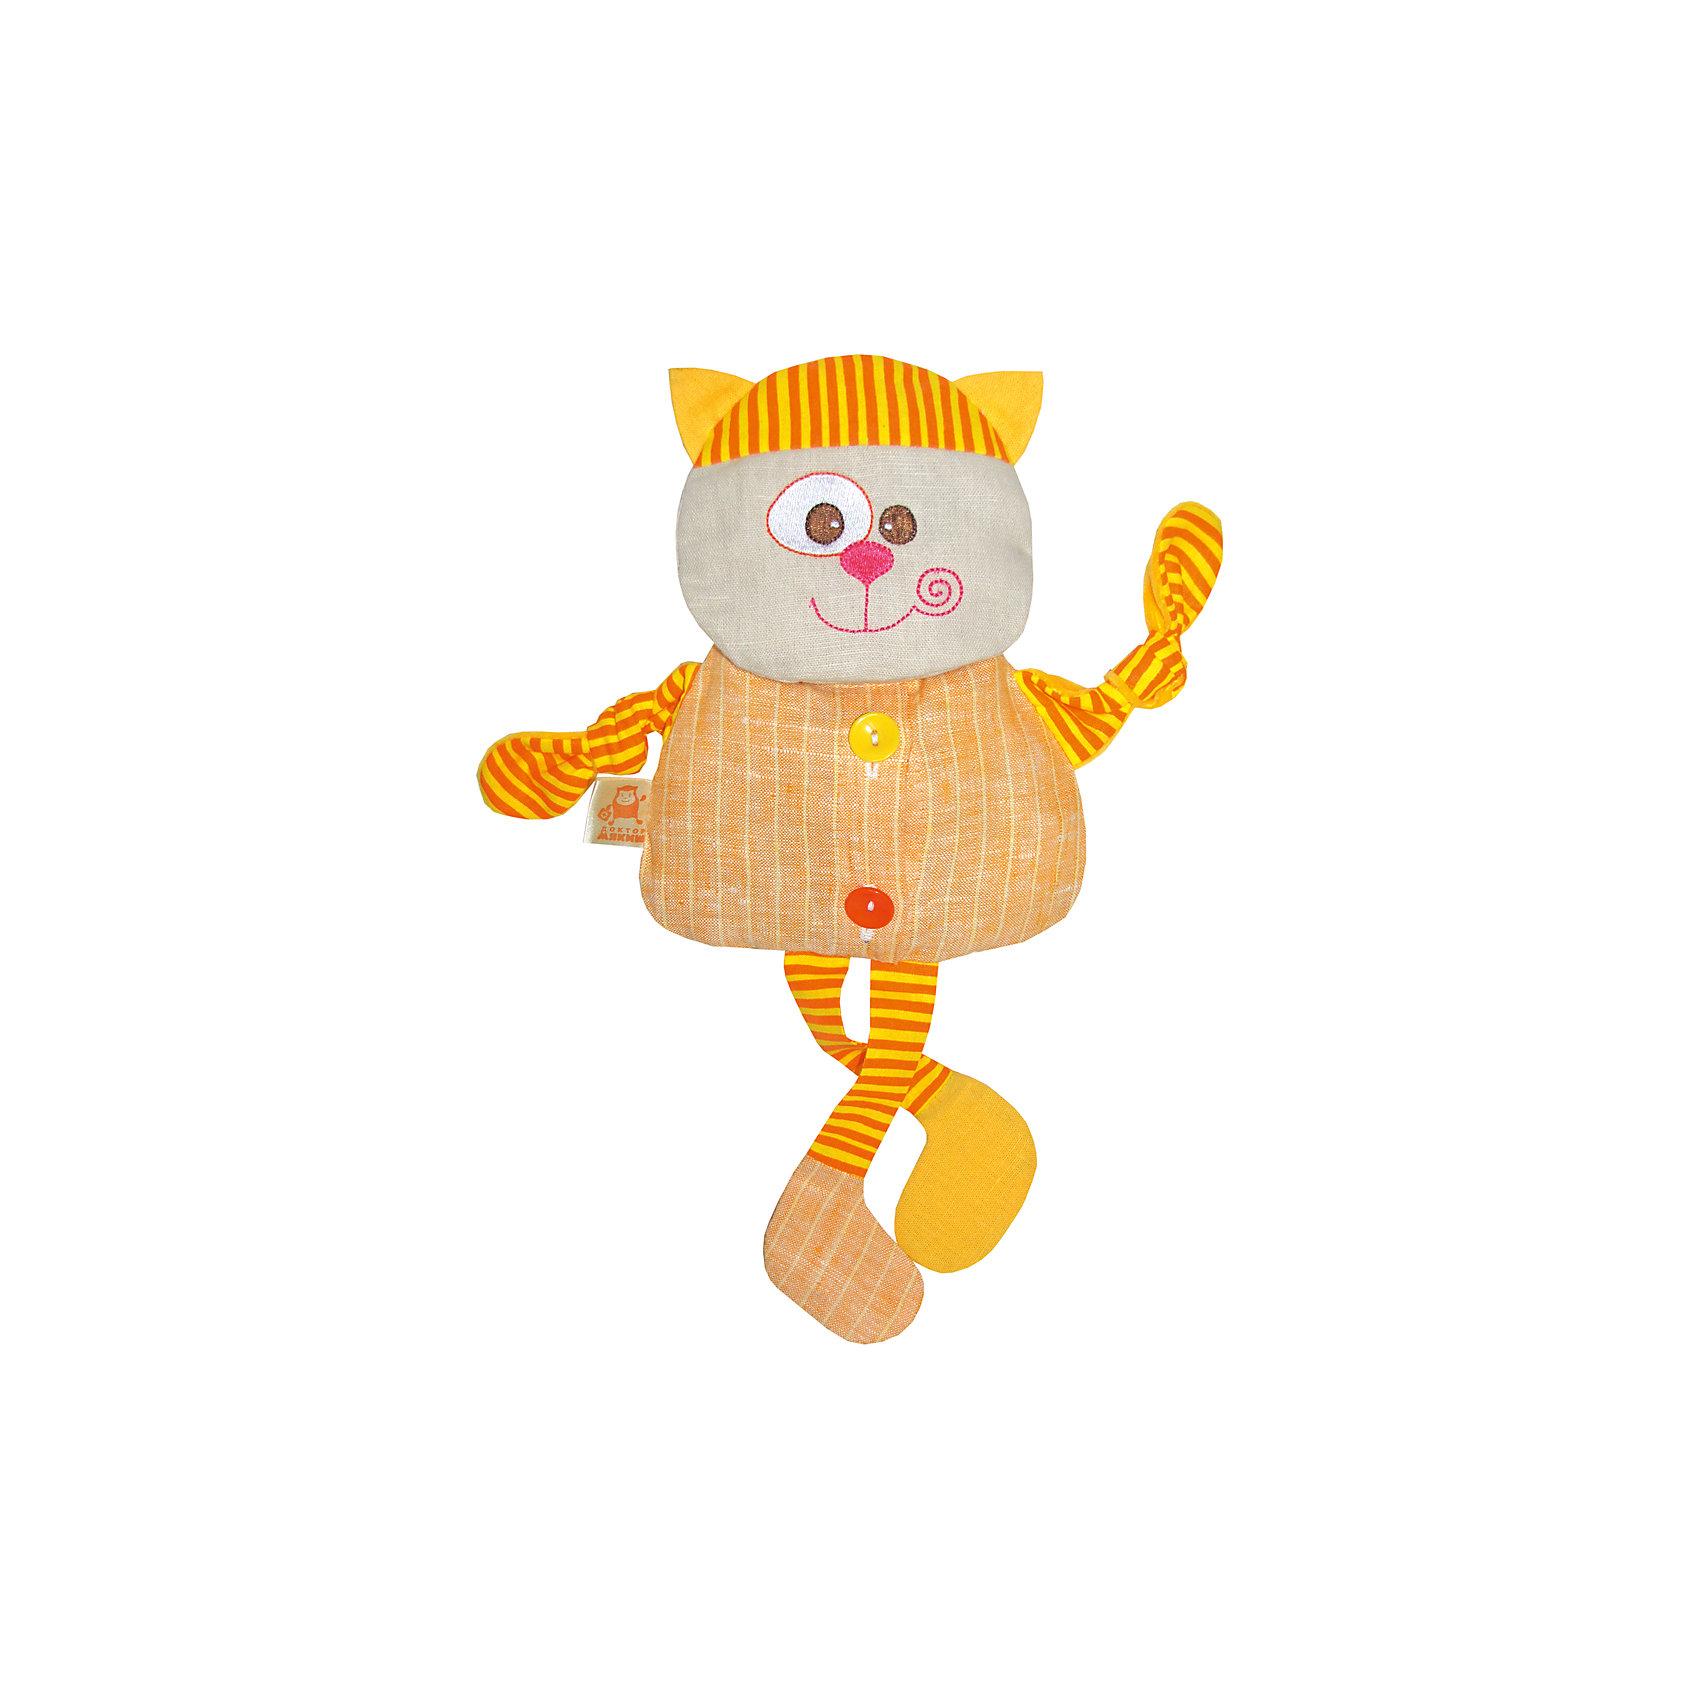 Термоигрушка Доктор Мякиш Кот, МякишиГрелки<br>Характеристики товара:<br><br>• материал: лён, вишнёвые косточки, вышивка, холлофайбер, хлопок<br>• комплектация: 1 шт<br>• размер игрушки: 33х36х5 см<br>• размер упаковки: 33х39х5 см<br>• развивающая игрушка<br>• упаковка: пакет<br>• звуковой элемент внутри<br>• страна бренда: РФ<br>• страна изготовитель: РФ<br><br>Малыши активно познают мир и тянутся к новой информации. Чтобы сделать процесс изучения окружающего пространства интереснее, ребенку можно подарить развивающие игрушки. В процессе игры информация усваивается намного лучше!<br>Такие термоигрушки содержат внутри мешочек с вишневыми косточками, которые можно нагреть или остудить, после чего вложить в игрушку. Также изделия помогут занять малыша, играть с ними приятно и весело. На них можно завязать узлы или разыграть множество сюжетов! Одновременно игрушка позволит познакомиться с разными цветами и фактурами. Такие игрушки развивают тактильные ощущения, моторику, цветовосприятие, логику, воображение, учат фокусировать внимание. Каждое изделие абсолютно безопасно – оно создано из качественной ткани с мягким наполнителем. Игрушки производятся из качественных и проверенных материалов, которые безопасны для детей.<br><br>Термоигрушку Доктор Мякиш Кот от бренда Мякиши можно купить в нашем интернет-магазине.<br><br>Ширина мм: 350<br>Глубина мм: 40<br>Высота мм: 330<br>Вес г: 150<br>Возраст от месяцев: 12<br>Возраст до месяцев: 36<br>Пол: Унисекс<br>Возраст: Детский<br>SKU: 5183186